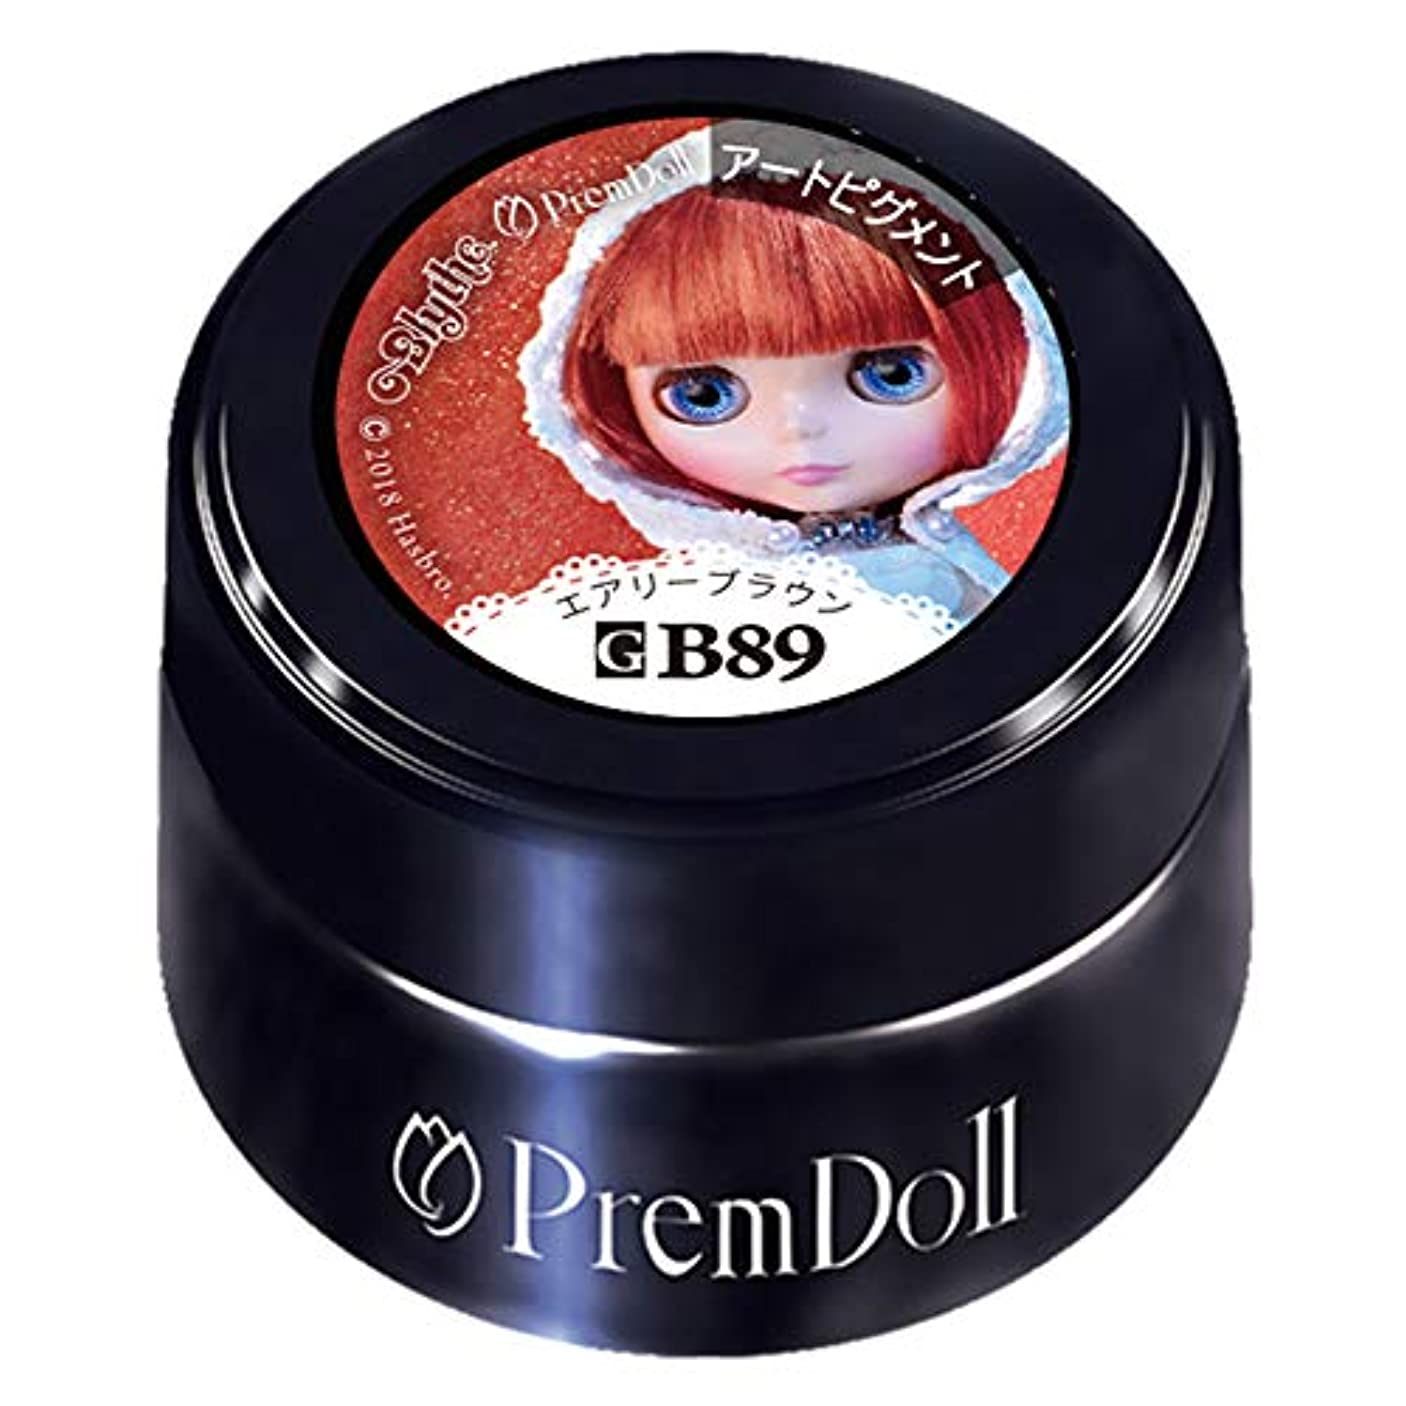 性別ソファー角度PRE GEL プリムドール エアリーブラウン89 DOLL-B89 3g カラージェル UV/LED対応